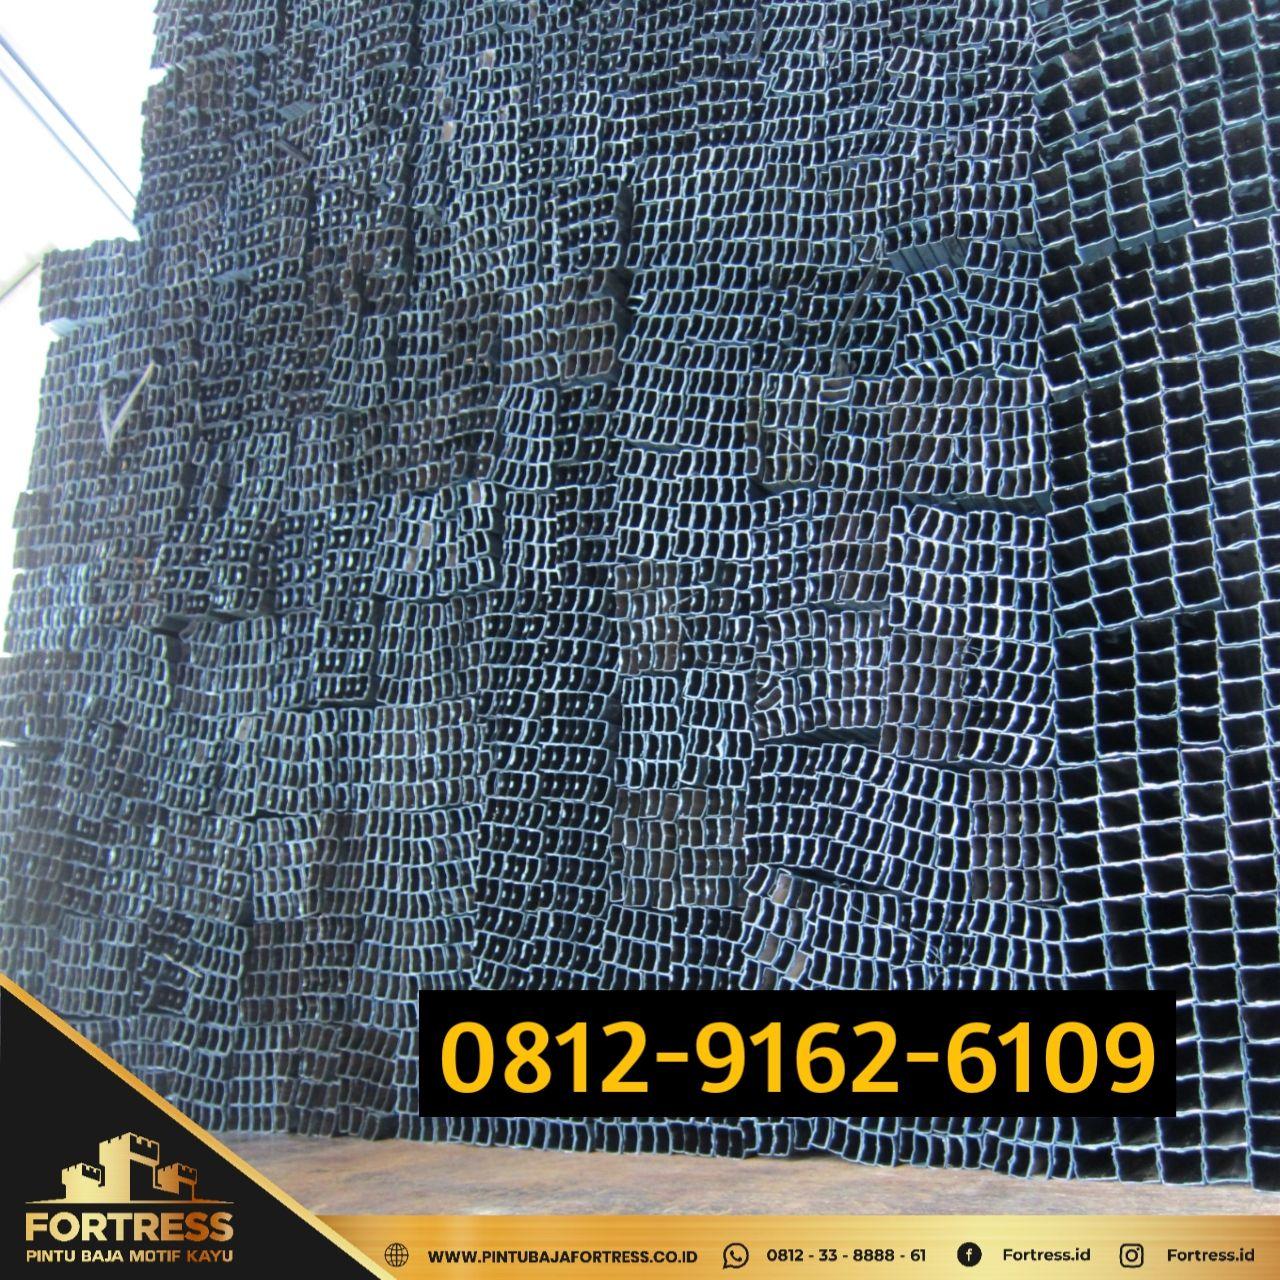 0812-9162-6109 (FORTRESS), Rangka Atap Galvalum Bandung,